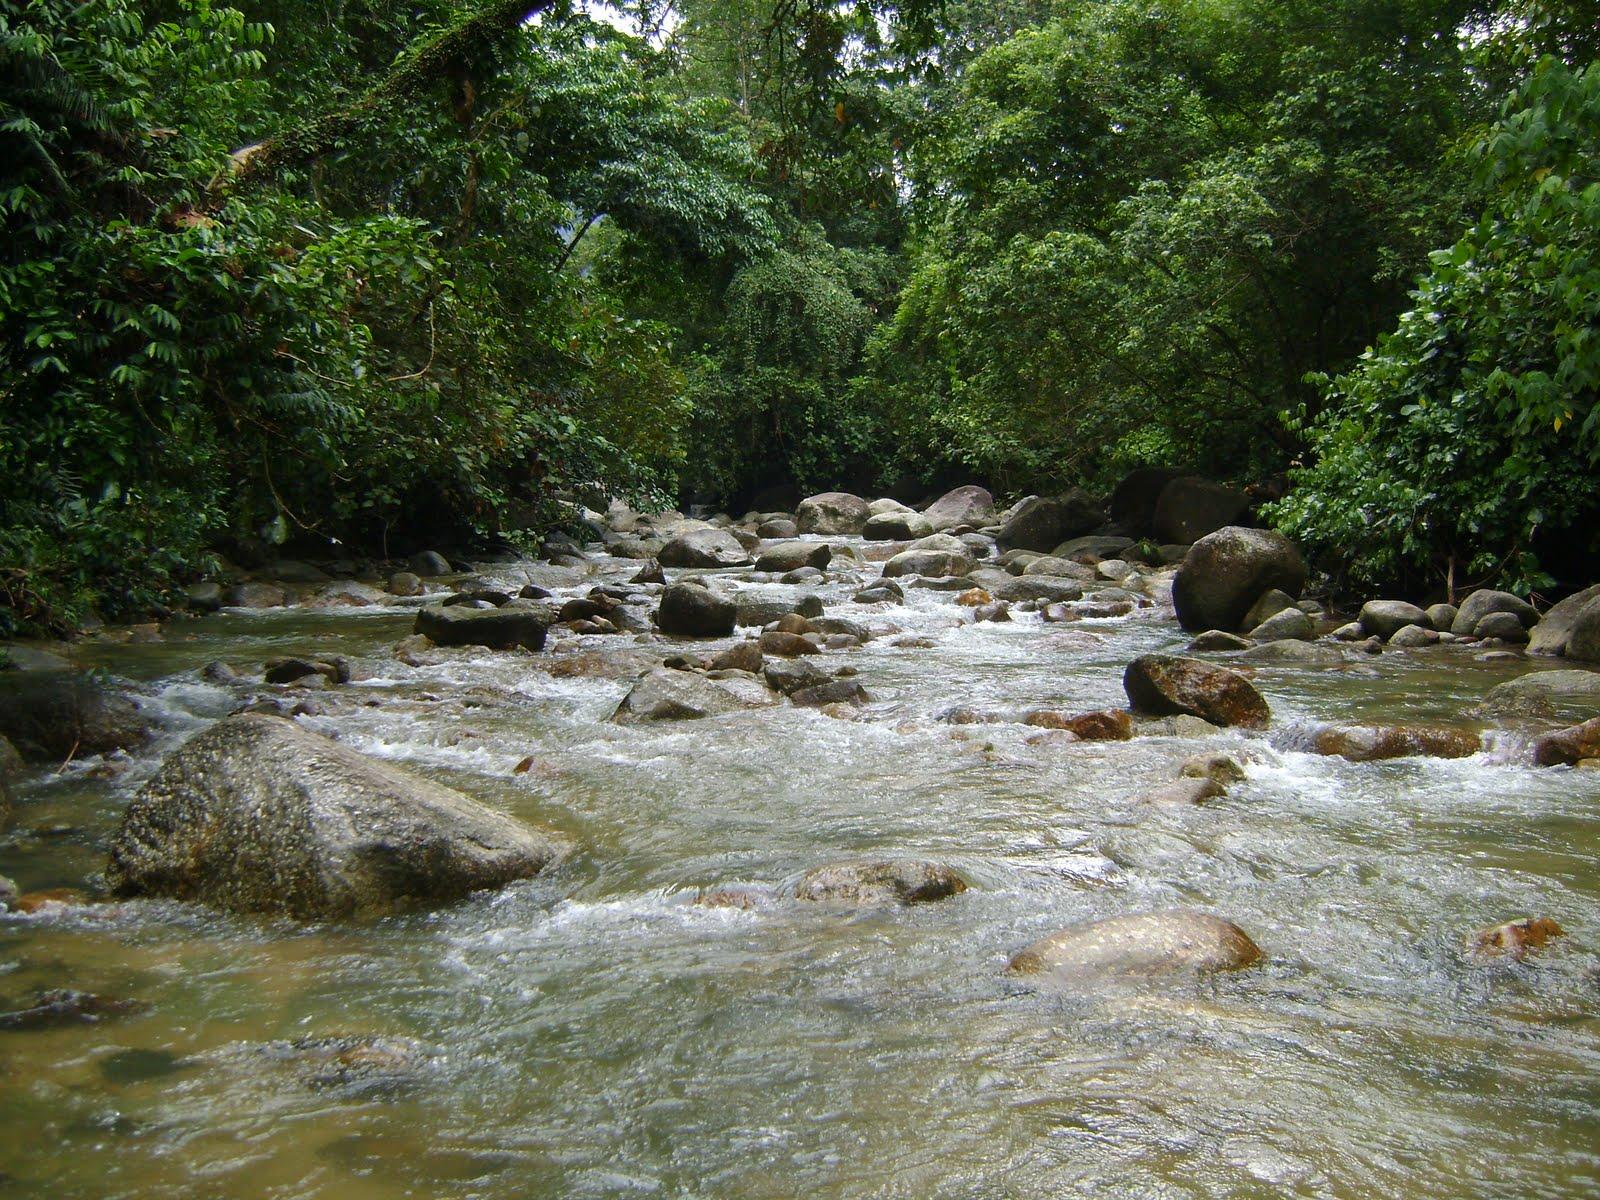 Kos memulih sungai adalah mahal kos bagi tujuan pemulihan sungai